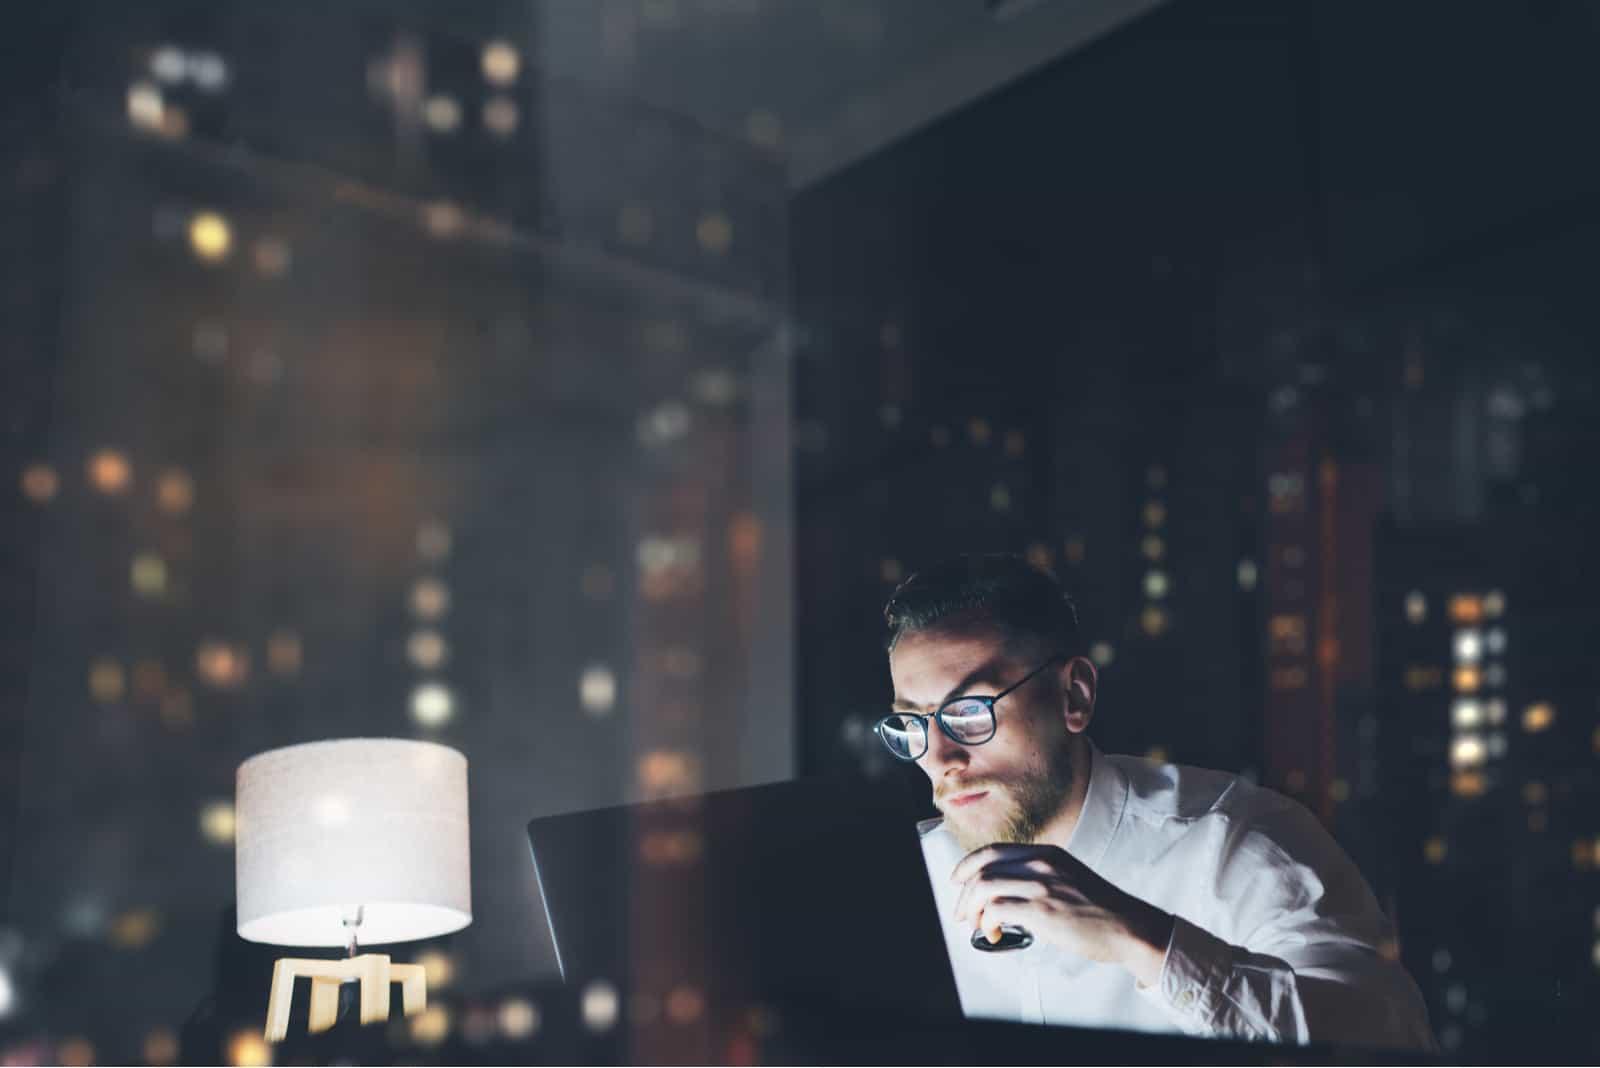 Abends arbeitet ein Mann hinter einem Laptop im Büro